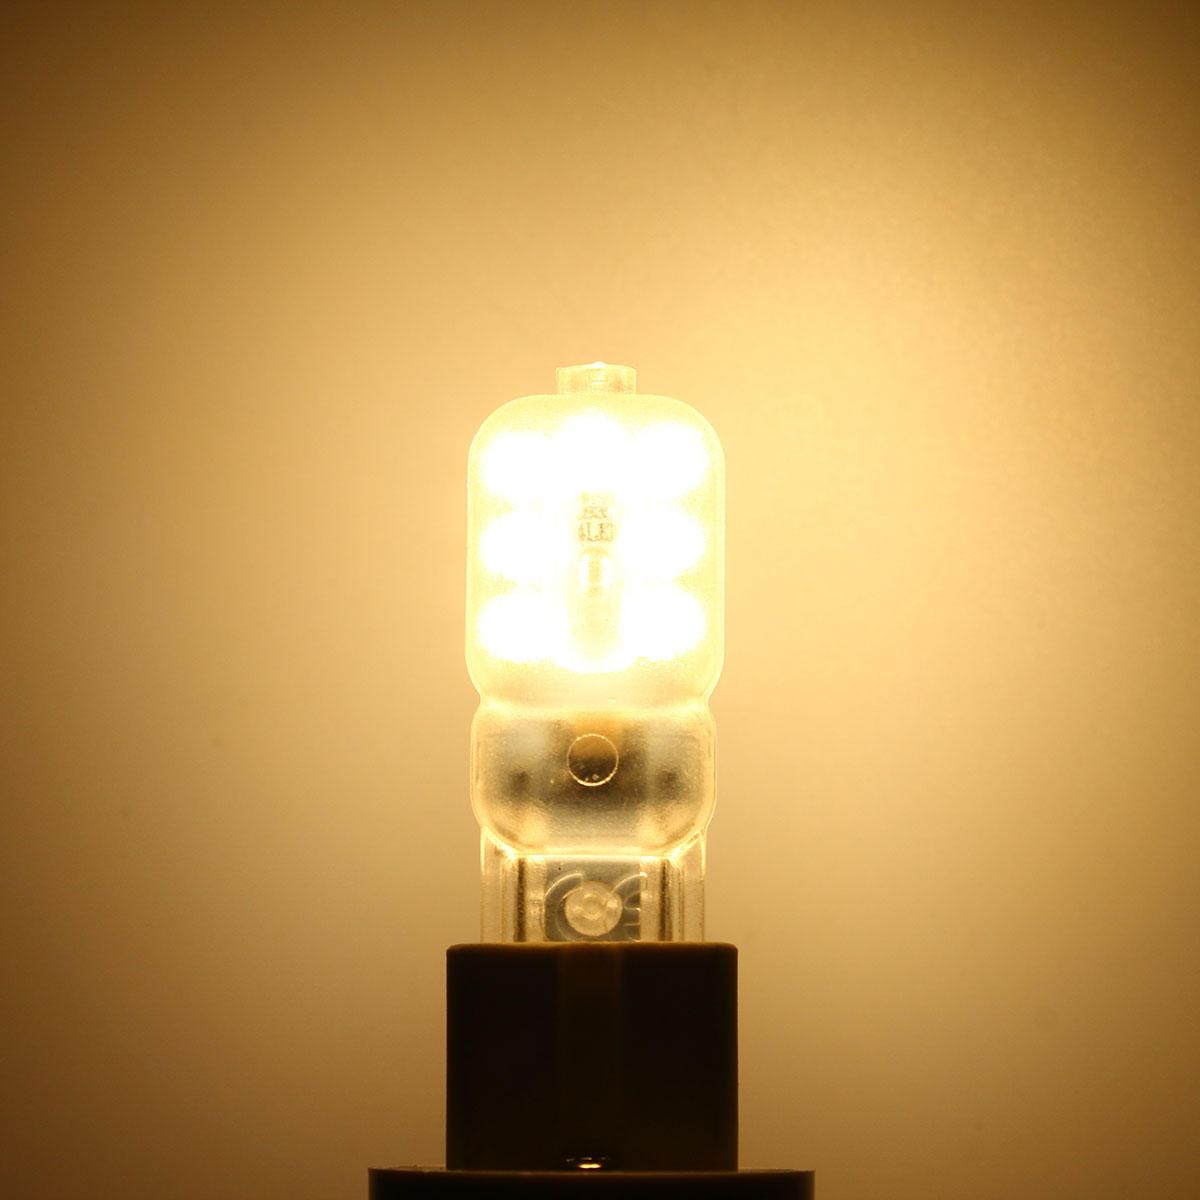 G9/E14 7W 76 SMD 2835 LED Corn Light Bulb for Kitchen Range Hood Chimmey Cooker Fridge 220V - 5